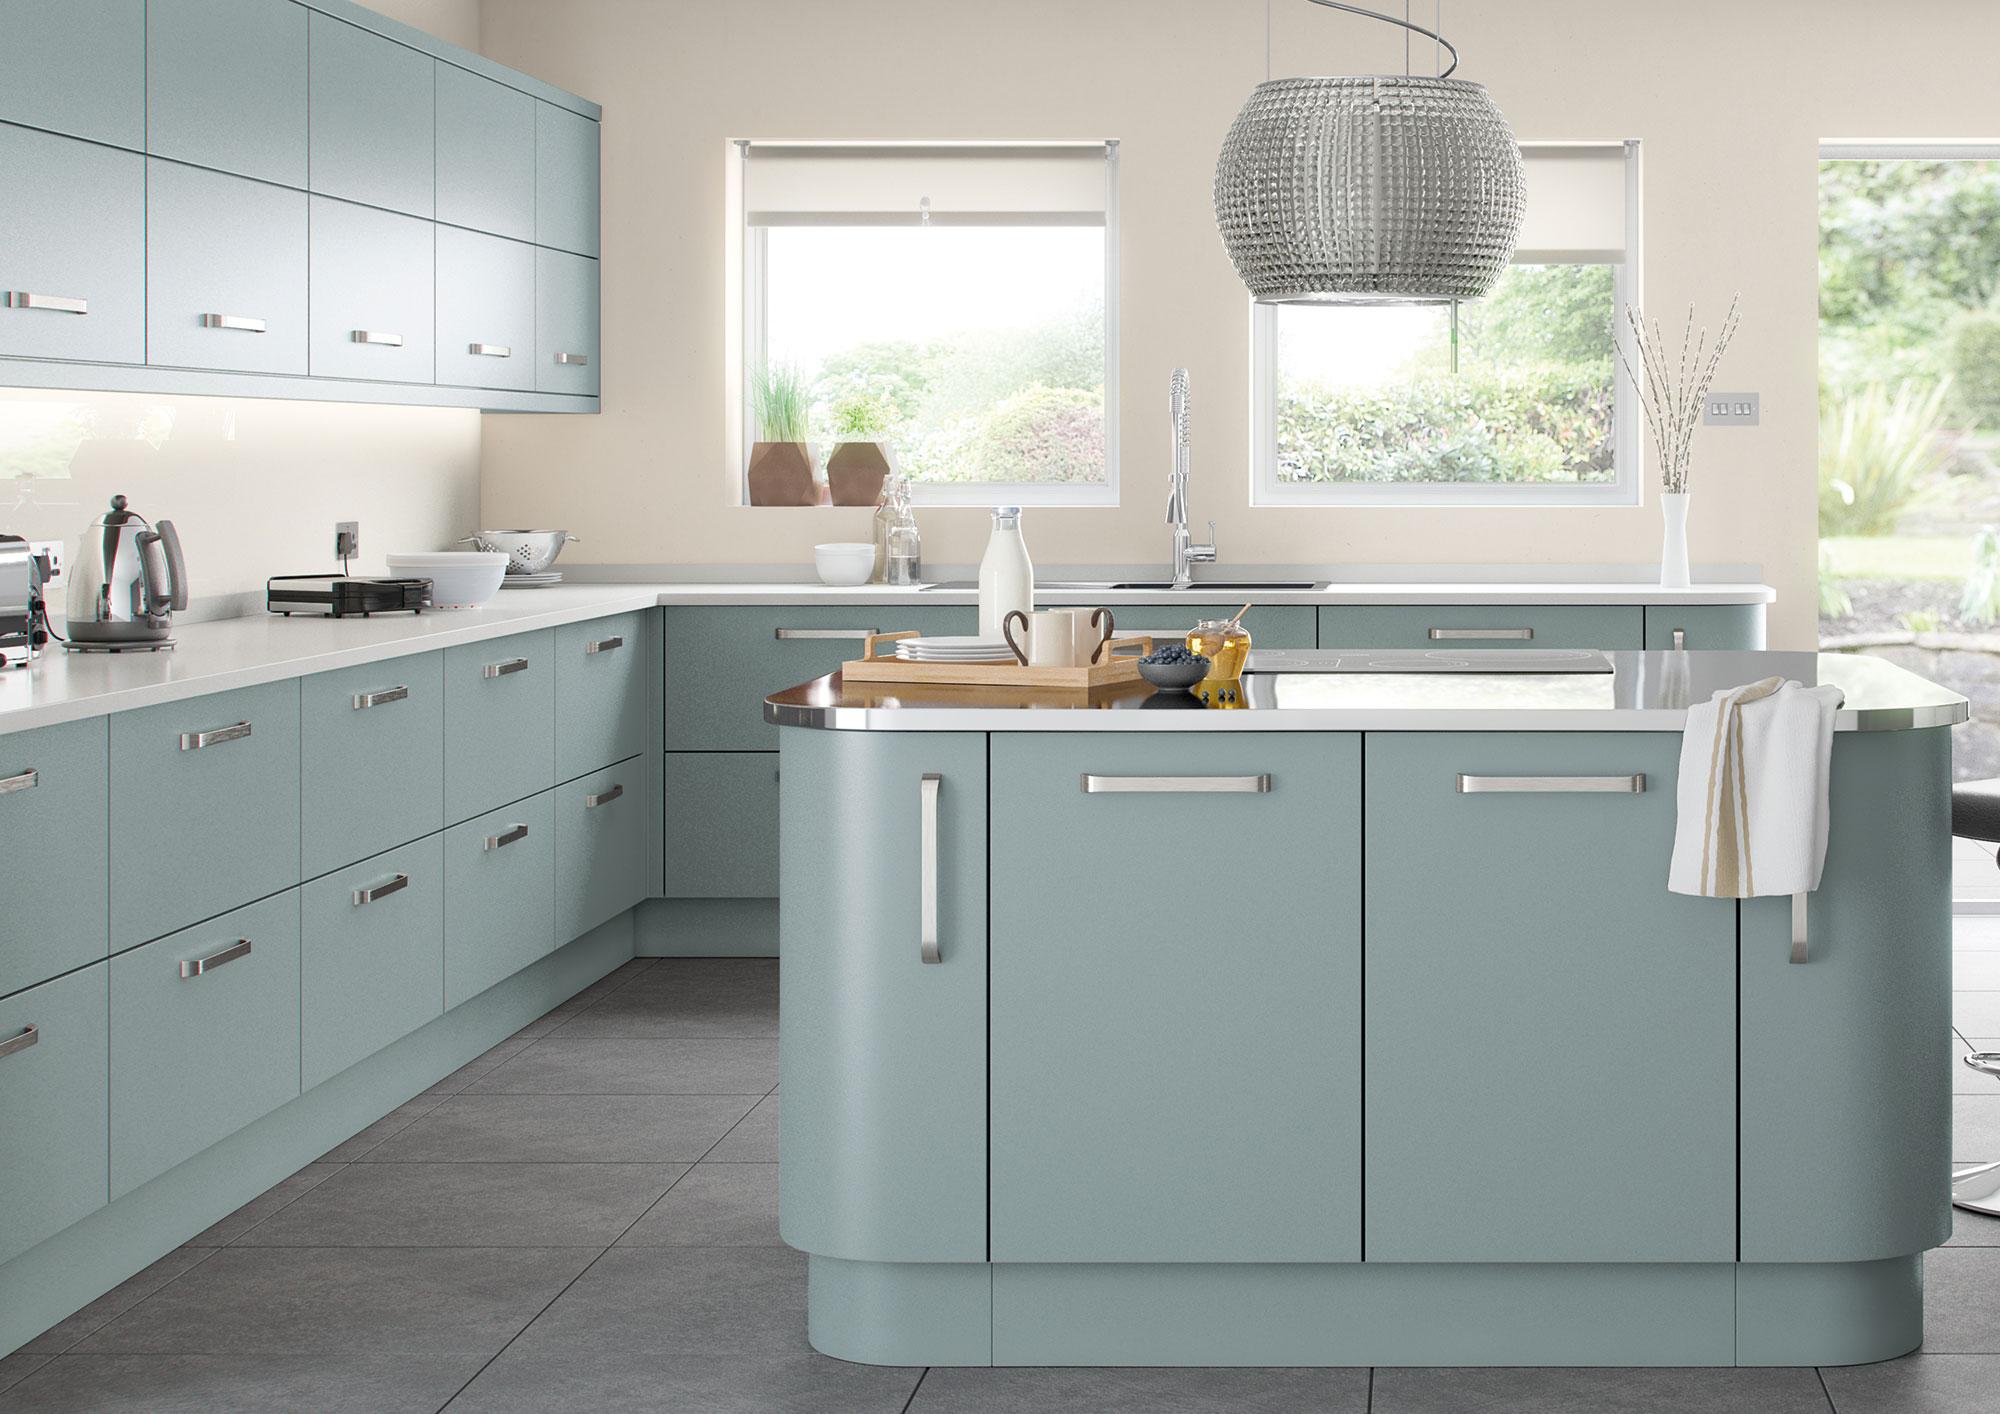 Our Kitchen Range – Matt James Home Improvements